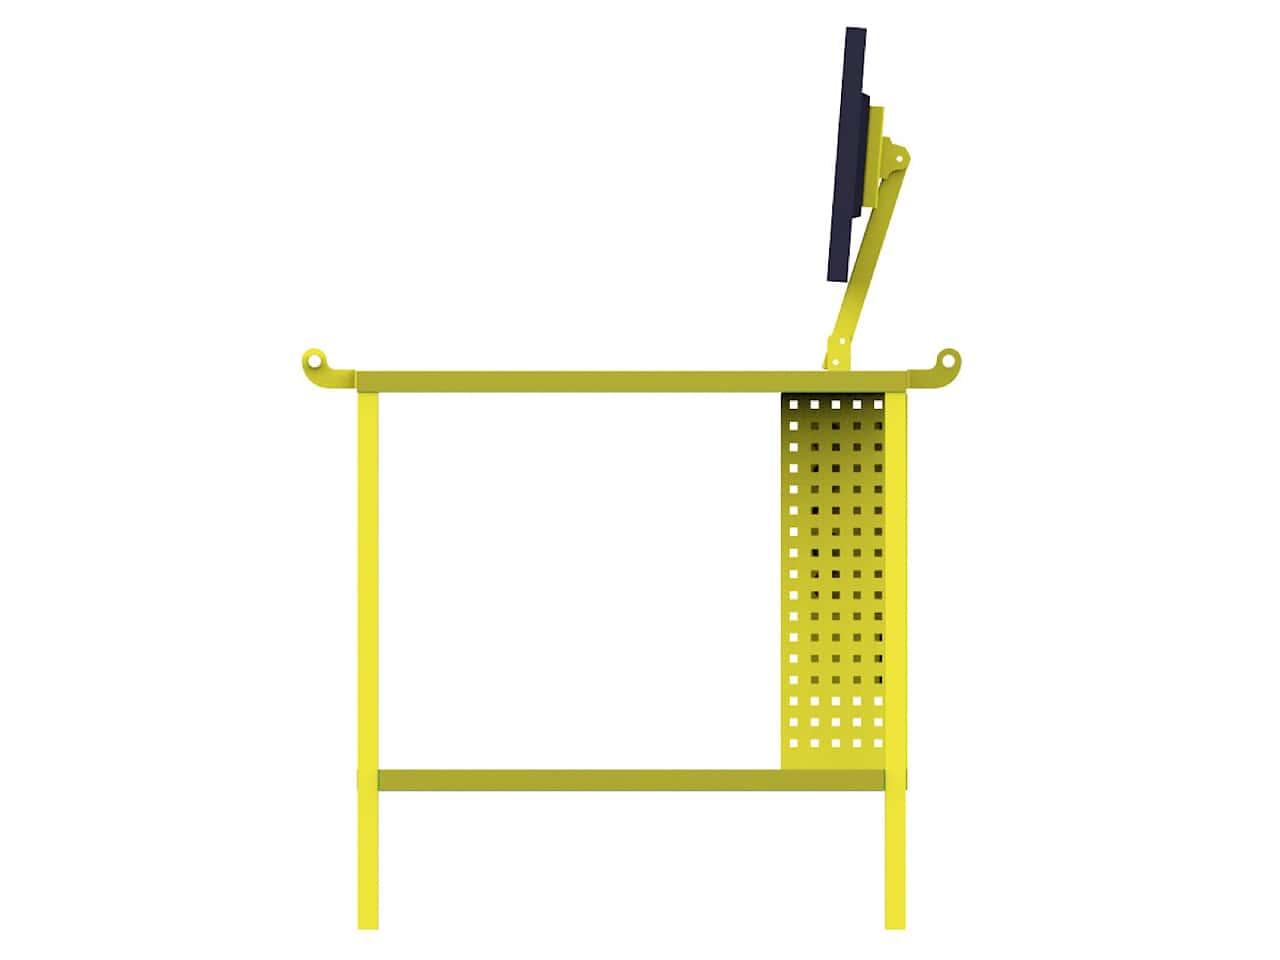 Сервисная тележка-стол с креплением для монитора